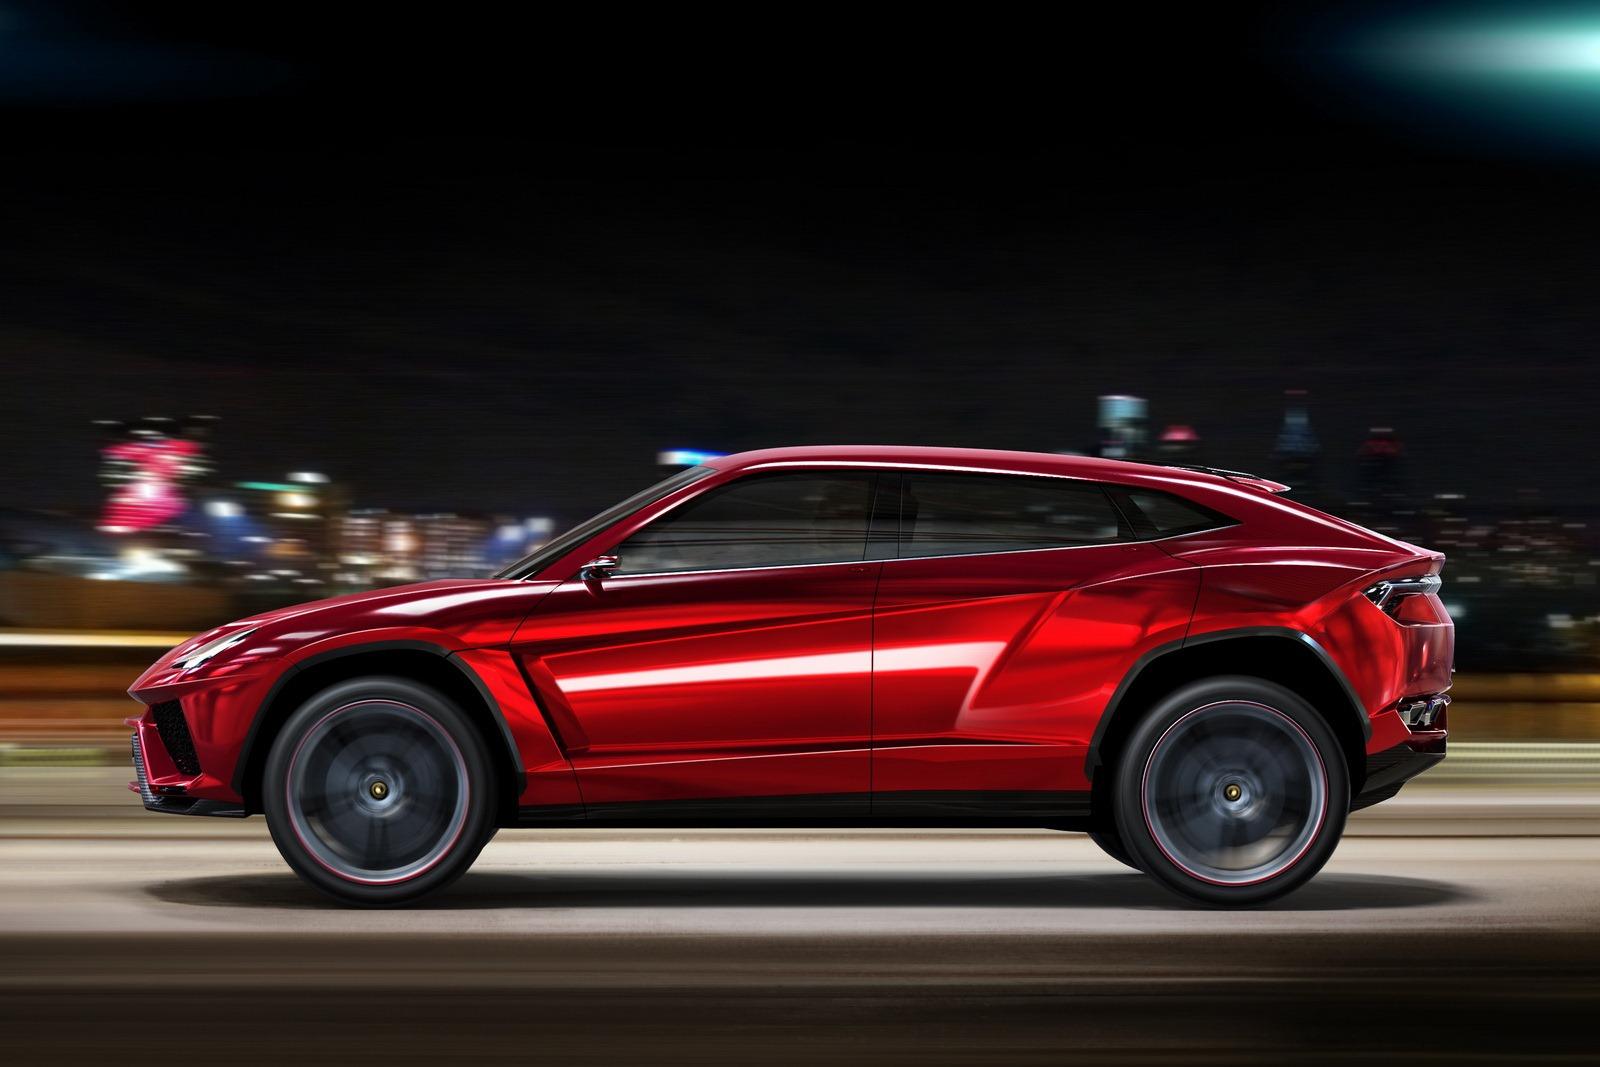 EVORA 2016 - Pagina 3 Lamborghini-urus-concept-is-born-photo-gallery-video_11